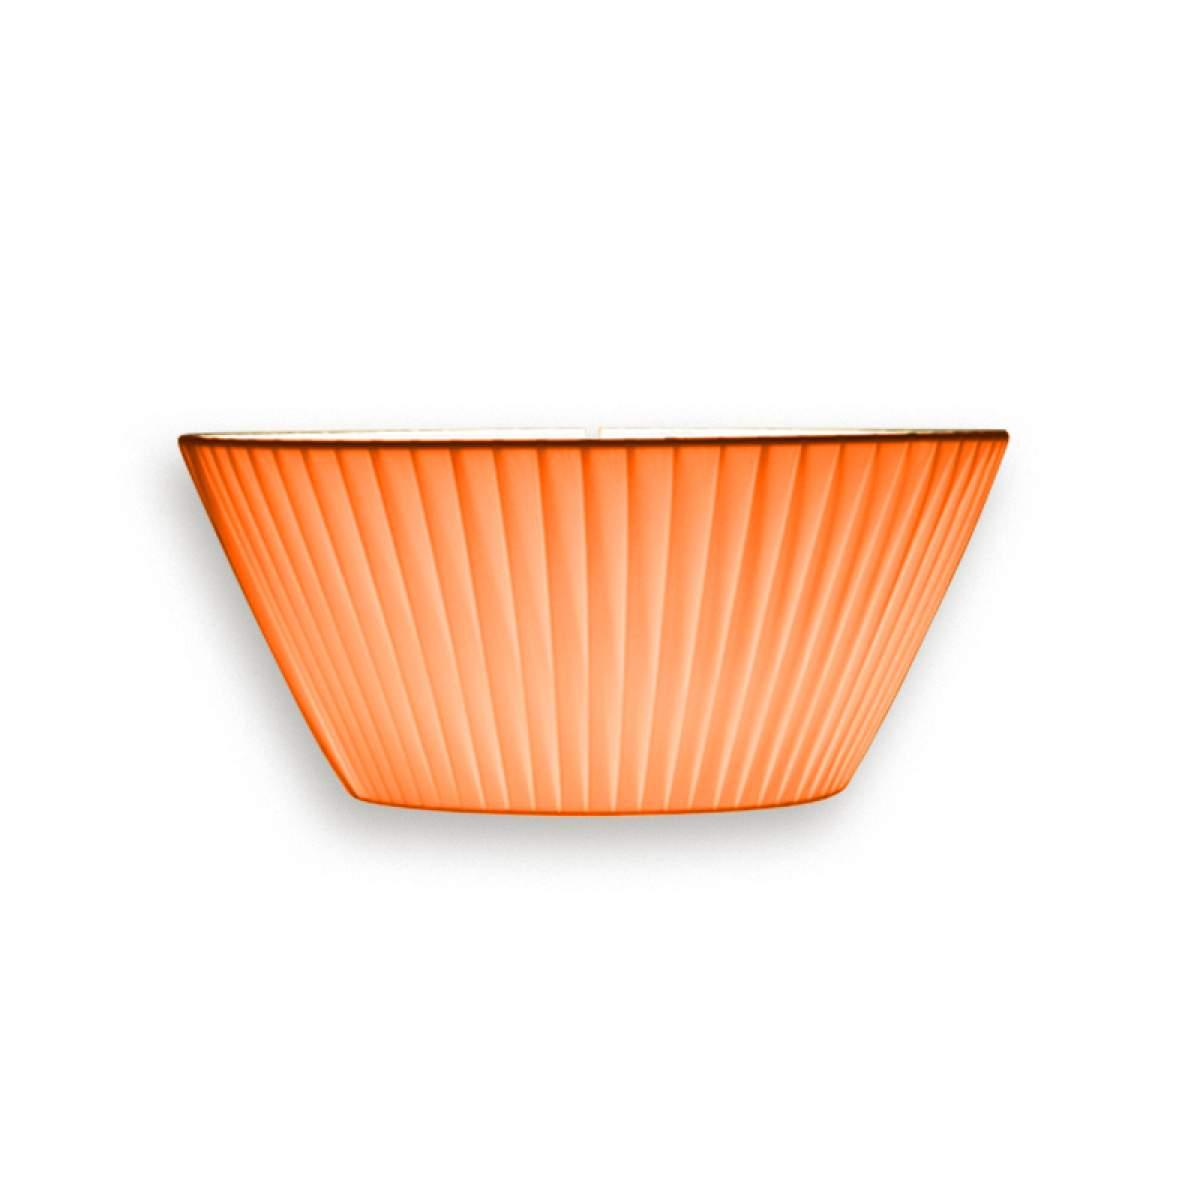 Anmutige Wandleuchte Emma, Breite 30 cm orange